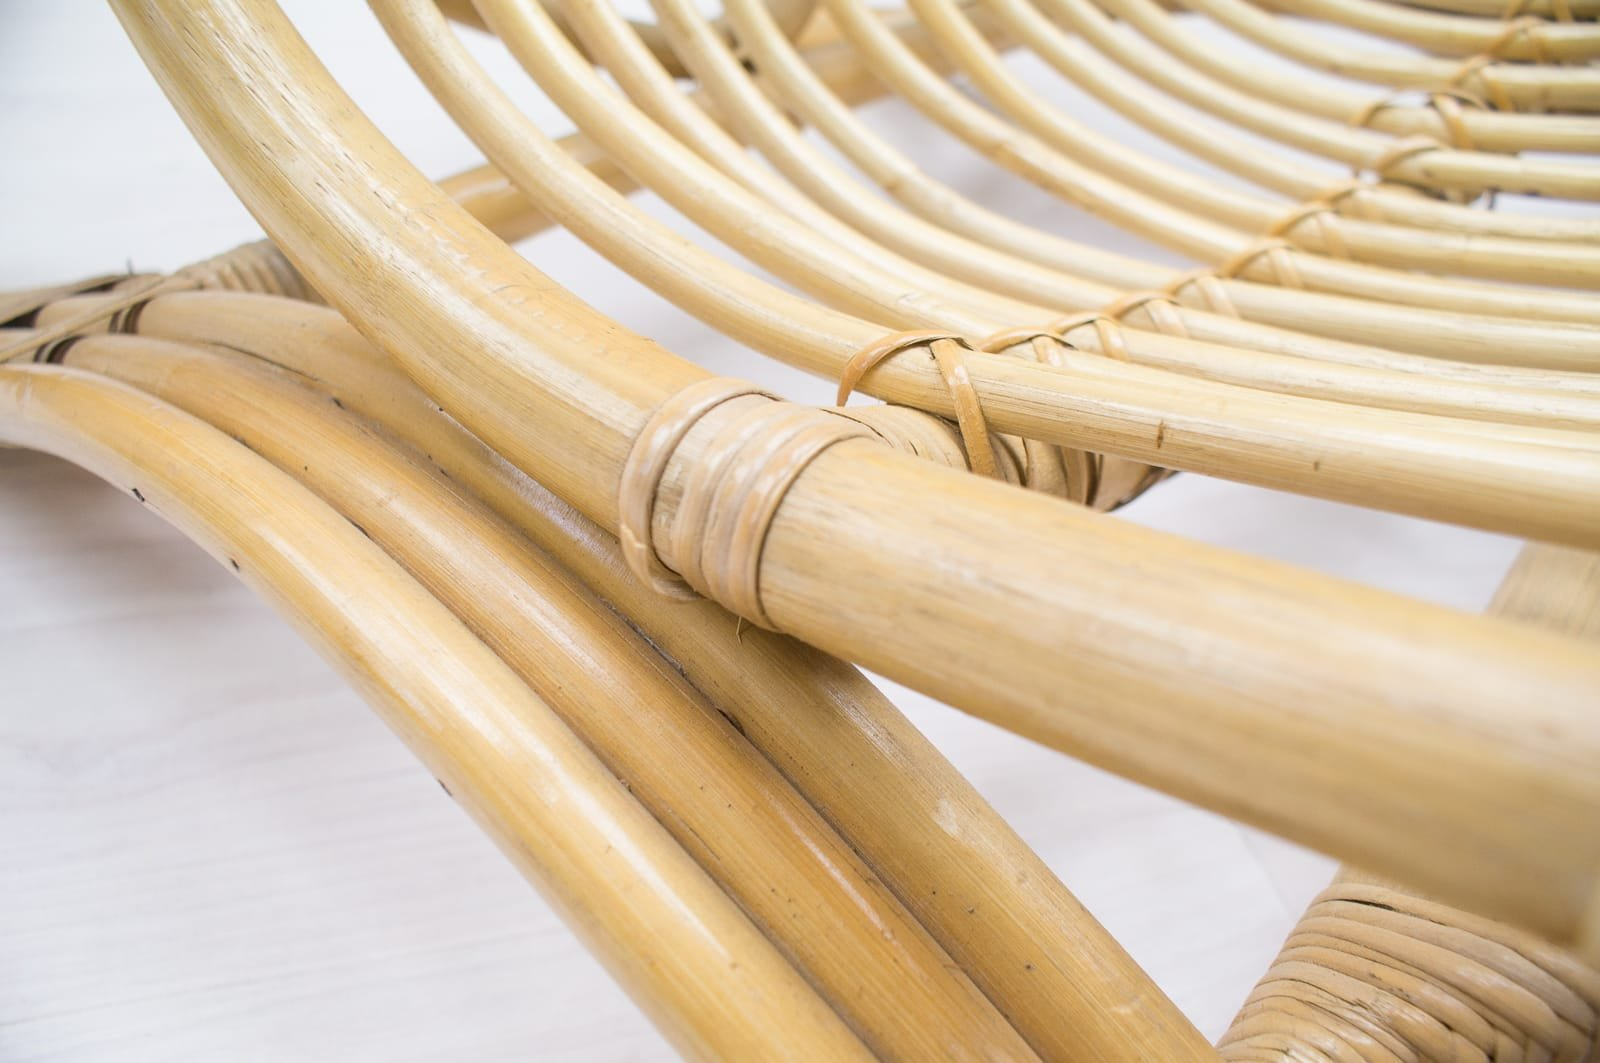 fauteuil en bambou et rotin 1970s en vente sur pamono. Black Bedroom Furniture Sets. Home Design Ideas